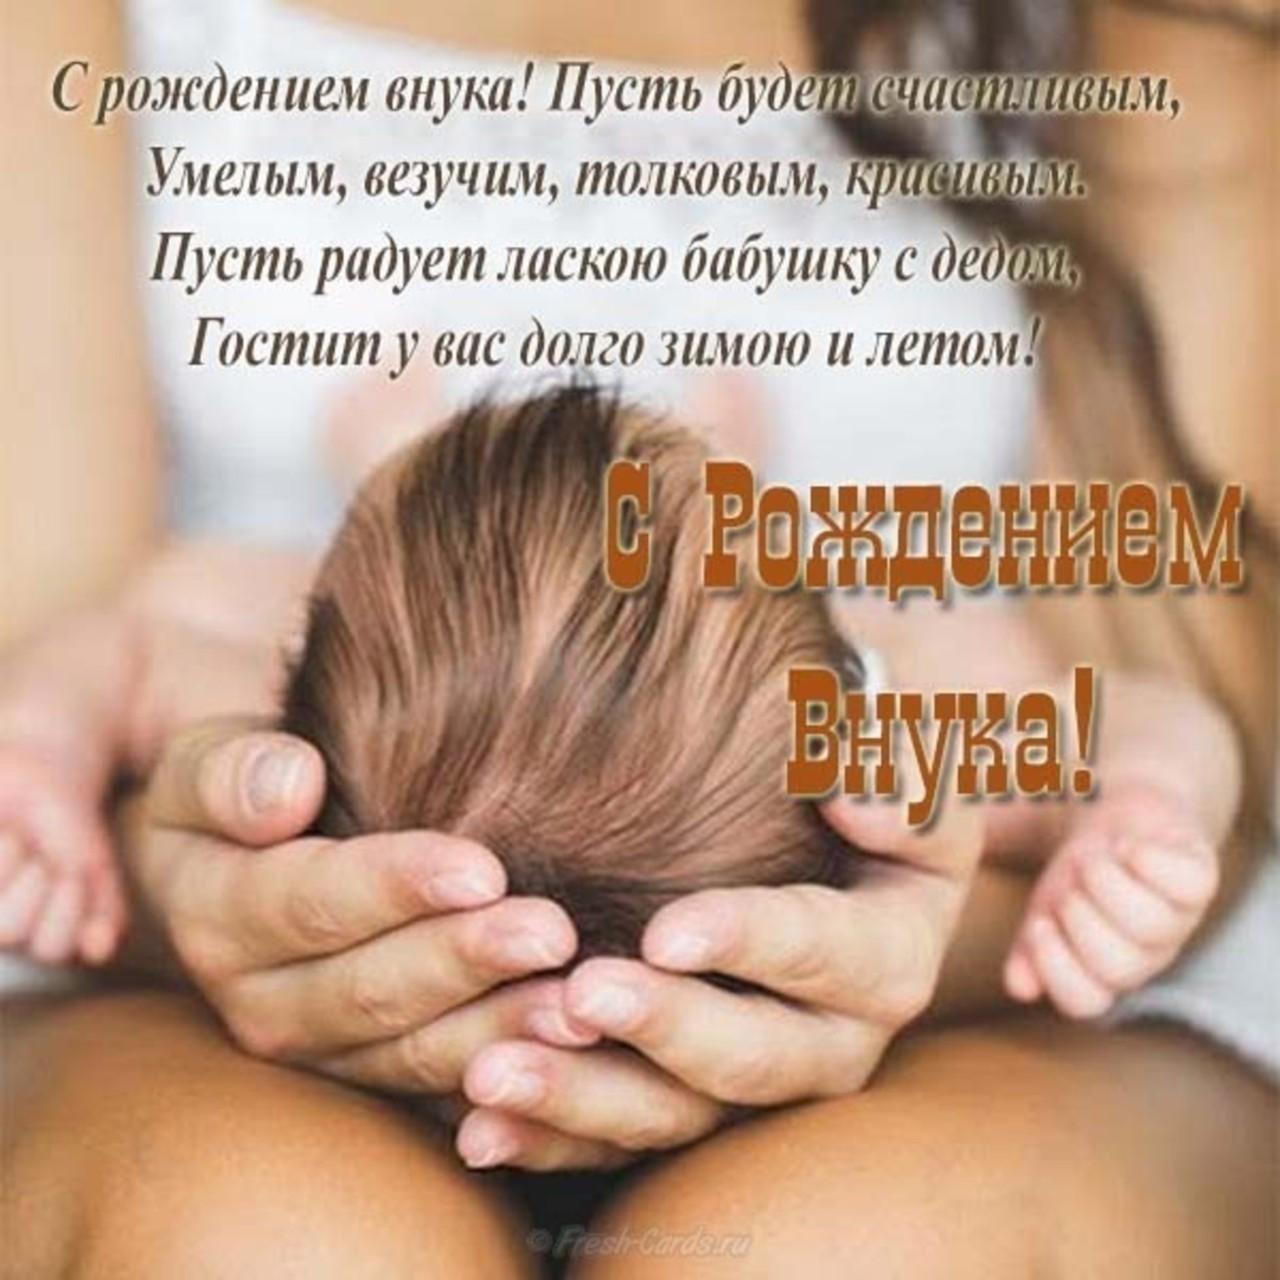 Поздравления в открытках с рождением внука для бабушки